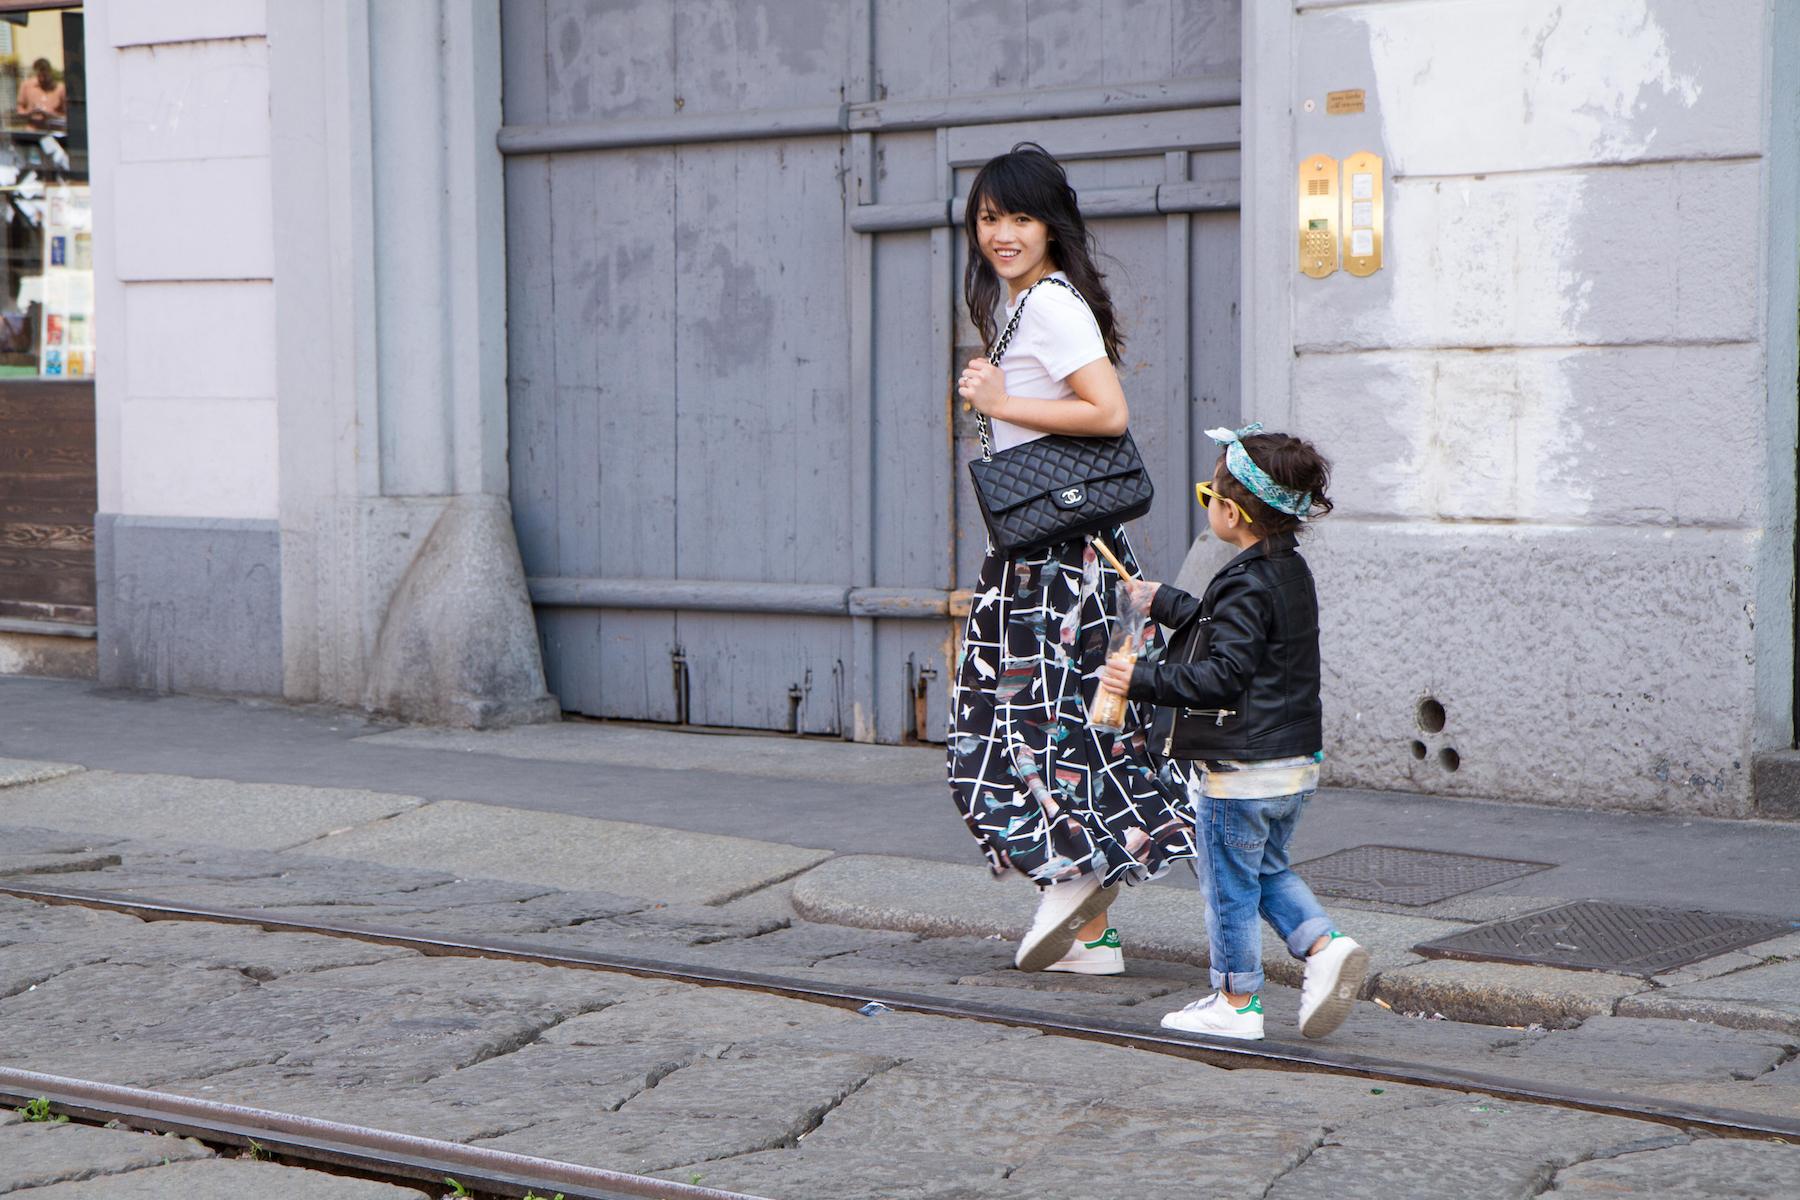 Digital Modern Family, Haiyan Fu